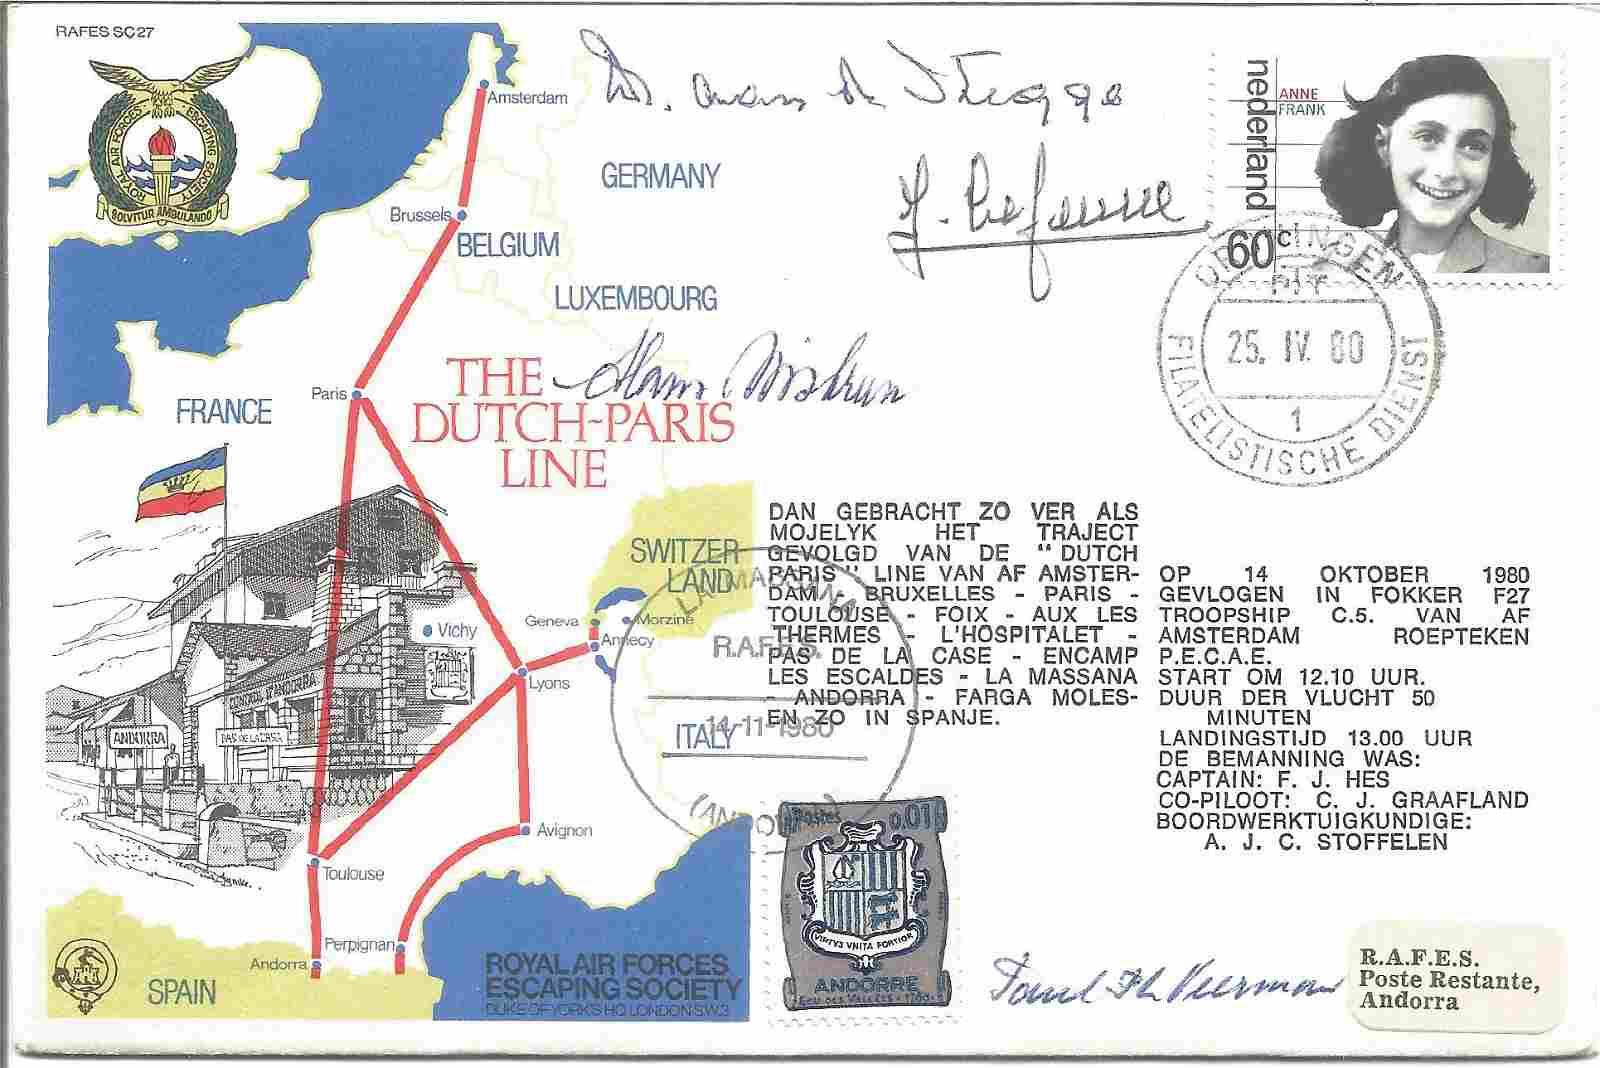 The Dutch - Paris Line RAFES signed RAF cover No 432 of